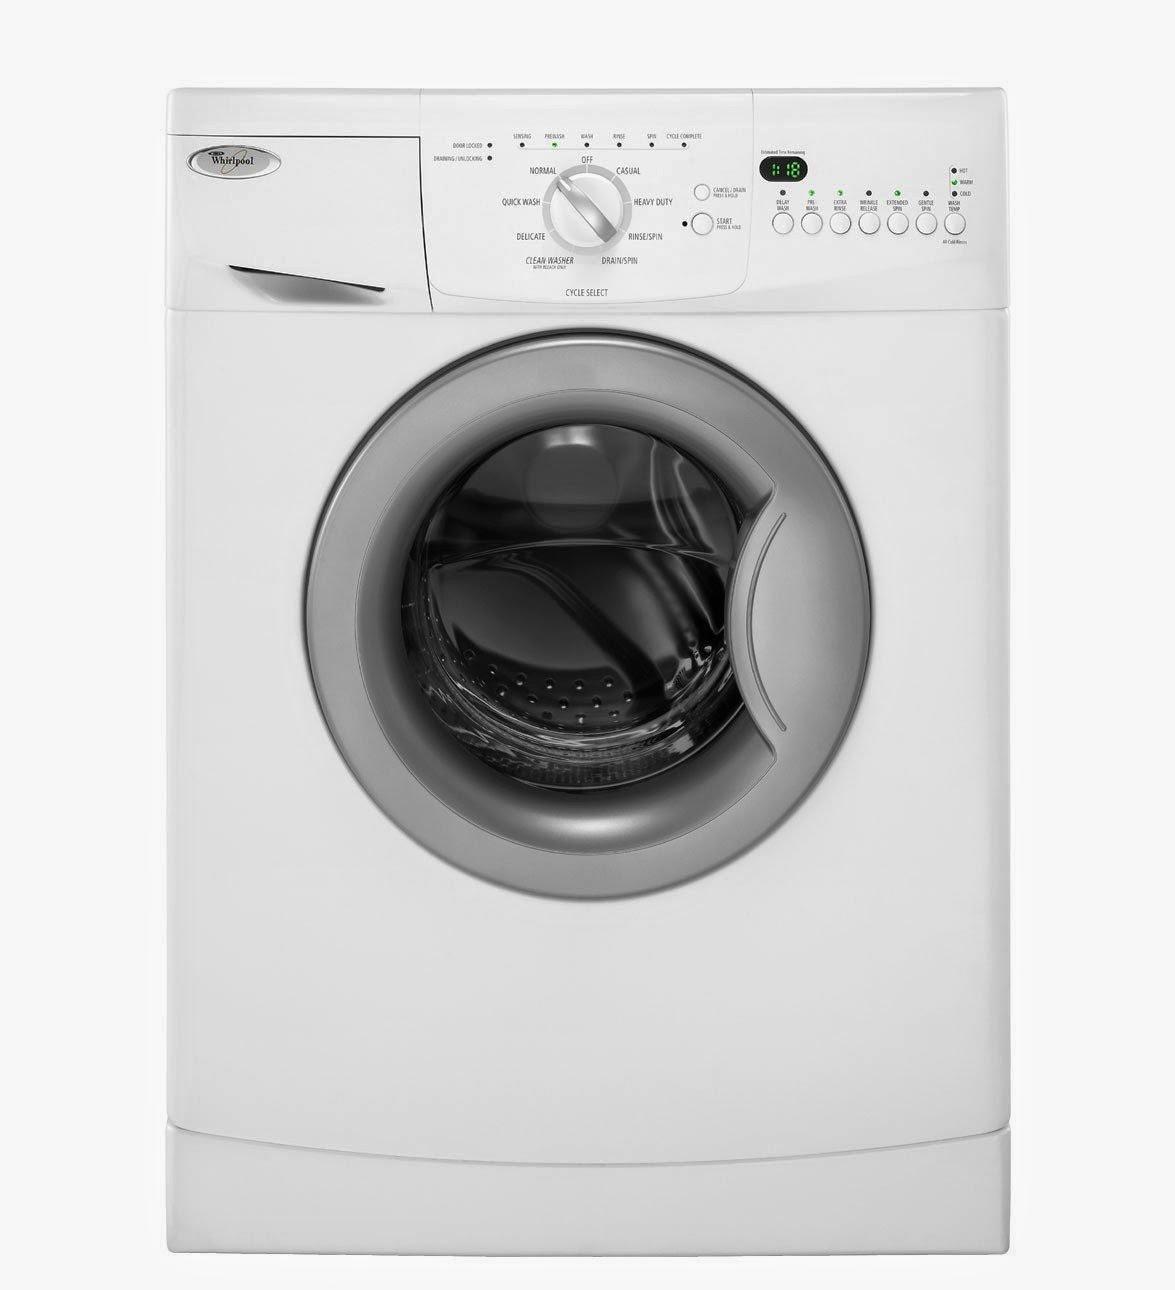 Maytag washers - Maytag whirlpool ...